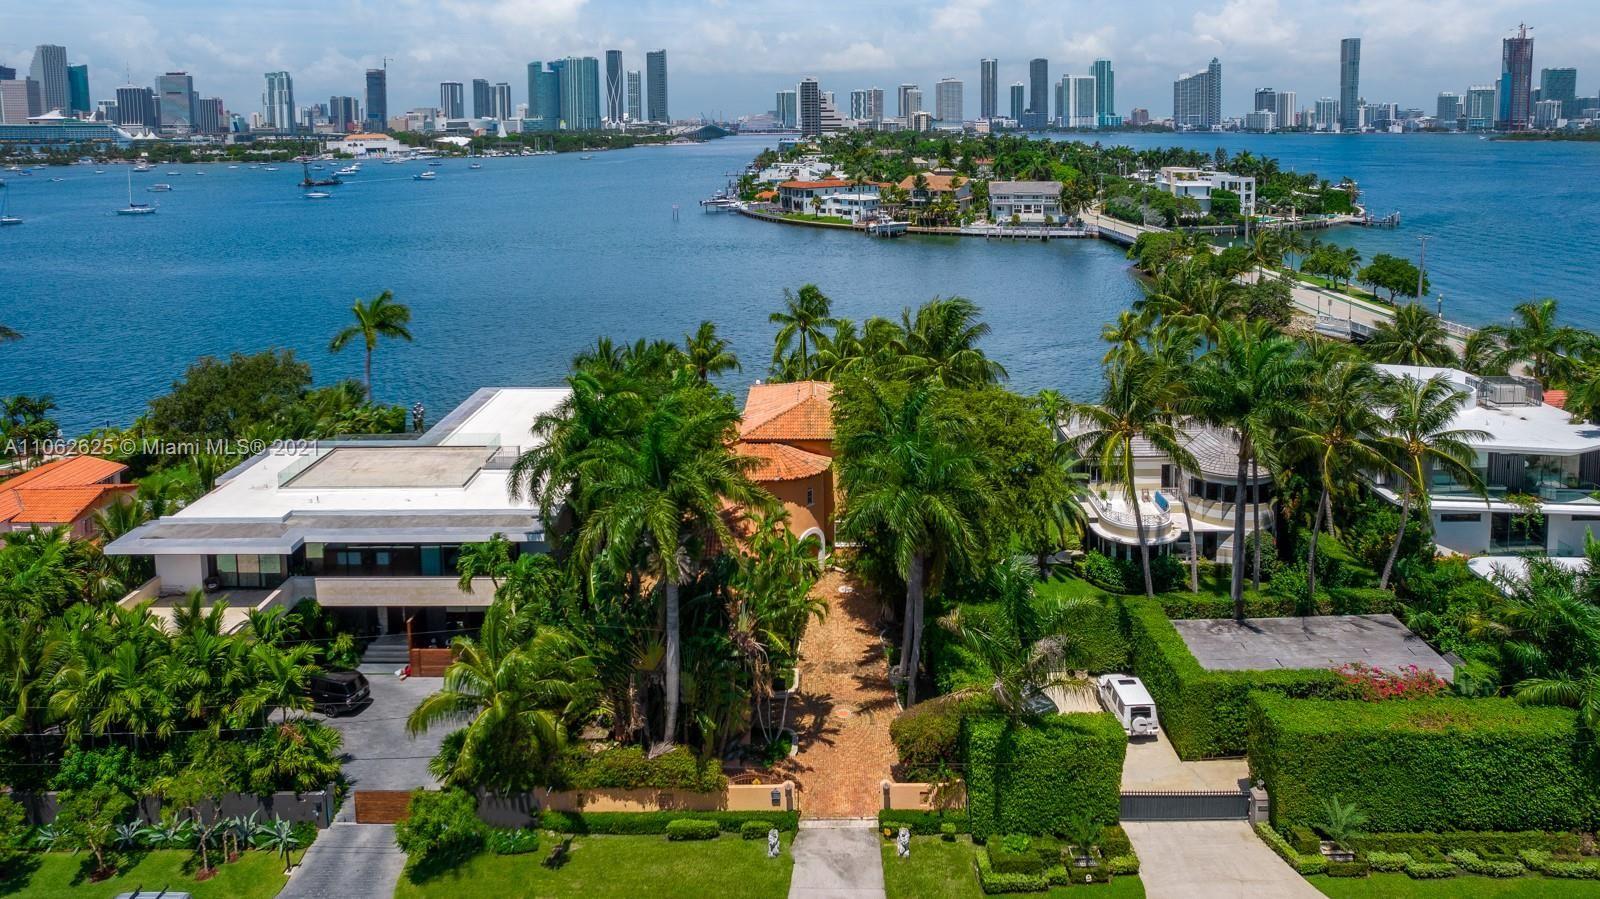 206 W San Marino Dr, Miami Beach, FL 33139 - #: A11062625